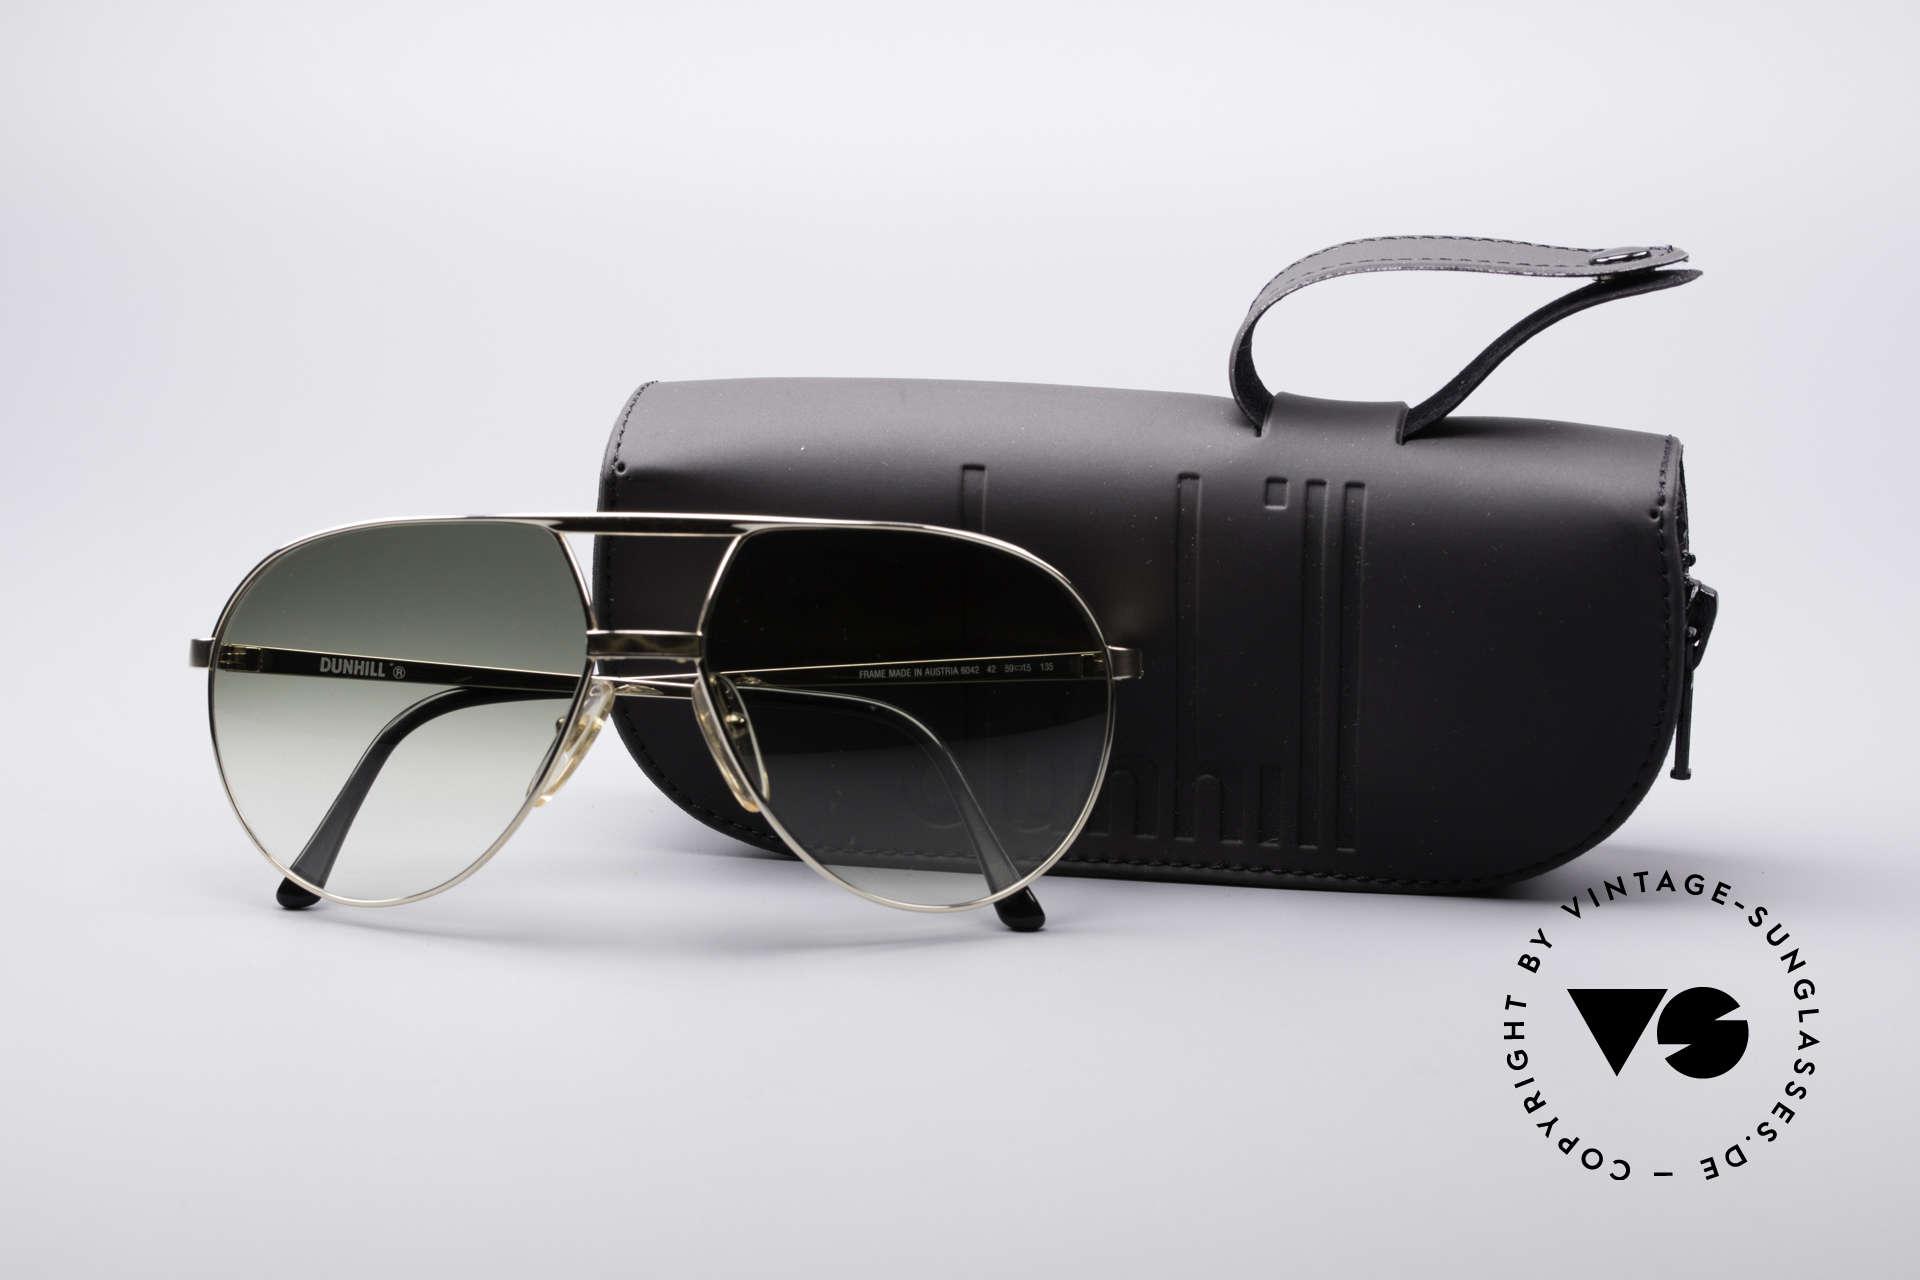 Dunhill 6042 80's Luxury Aviator Sunglasses, NO RETRO sunglasses, but an ORIGINAL from 1987, Made for Men